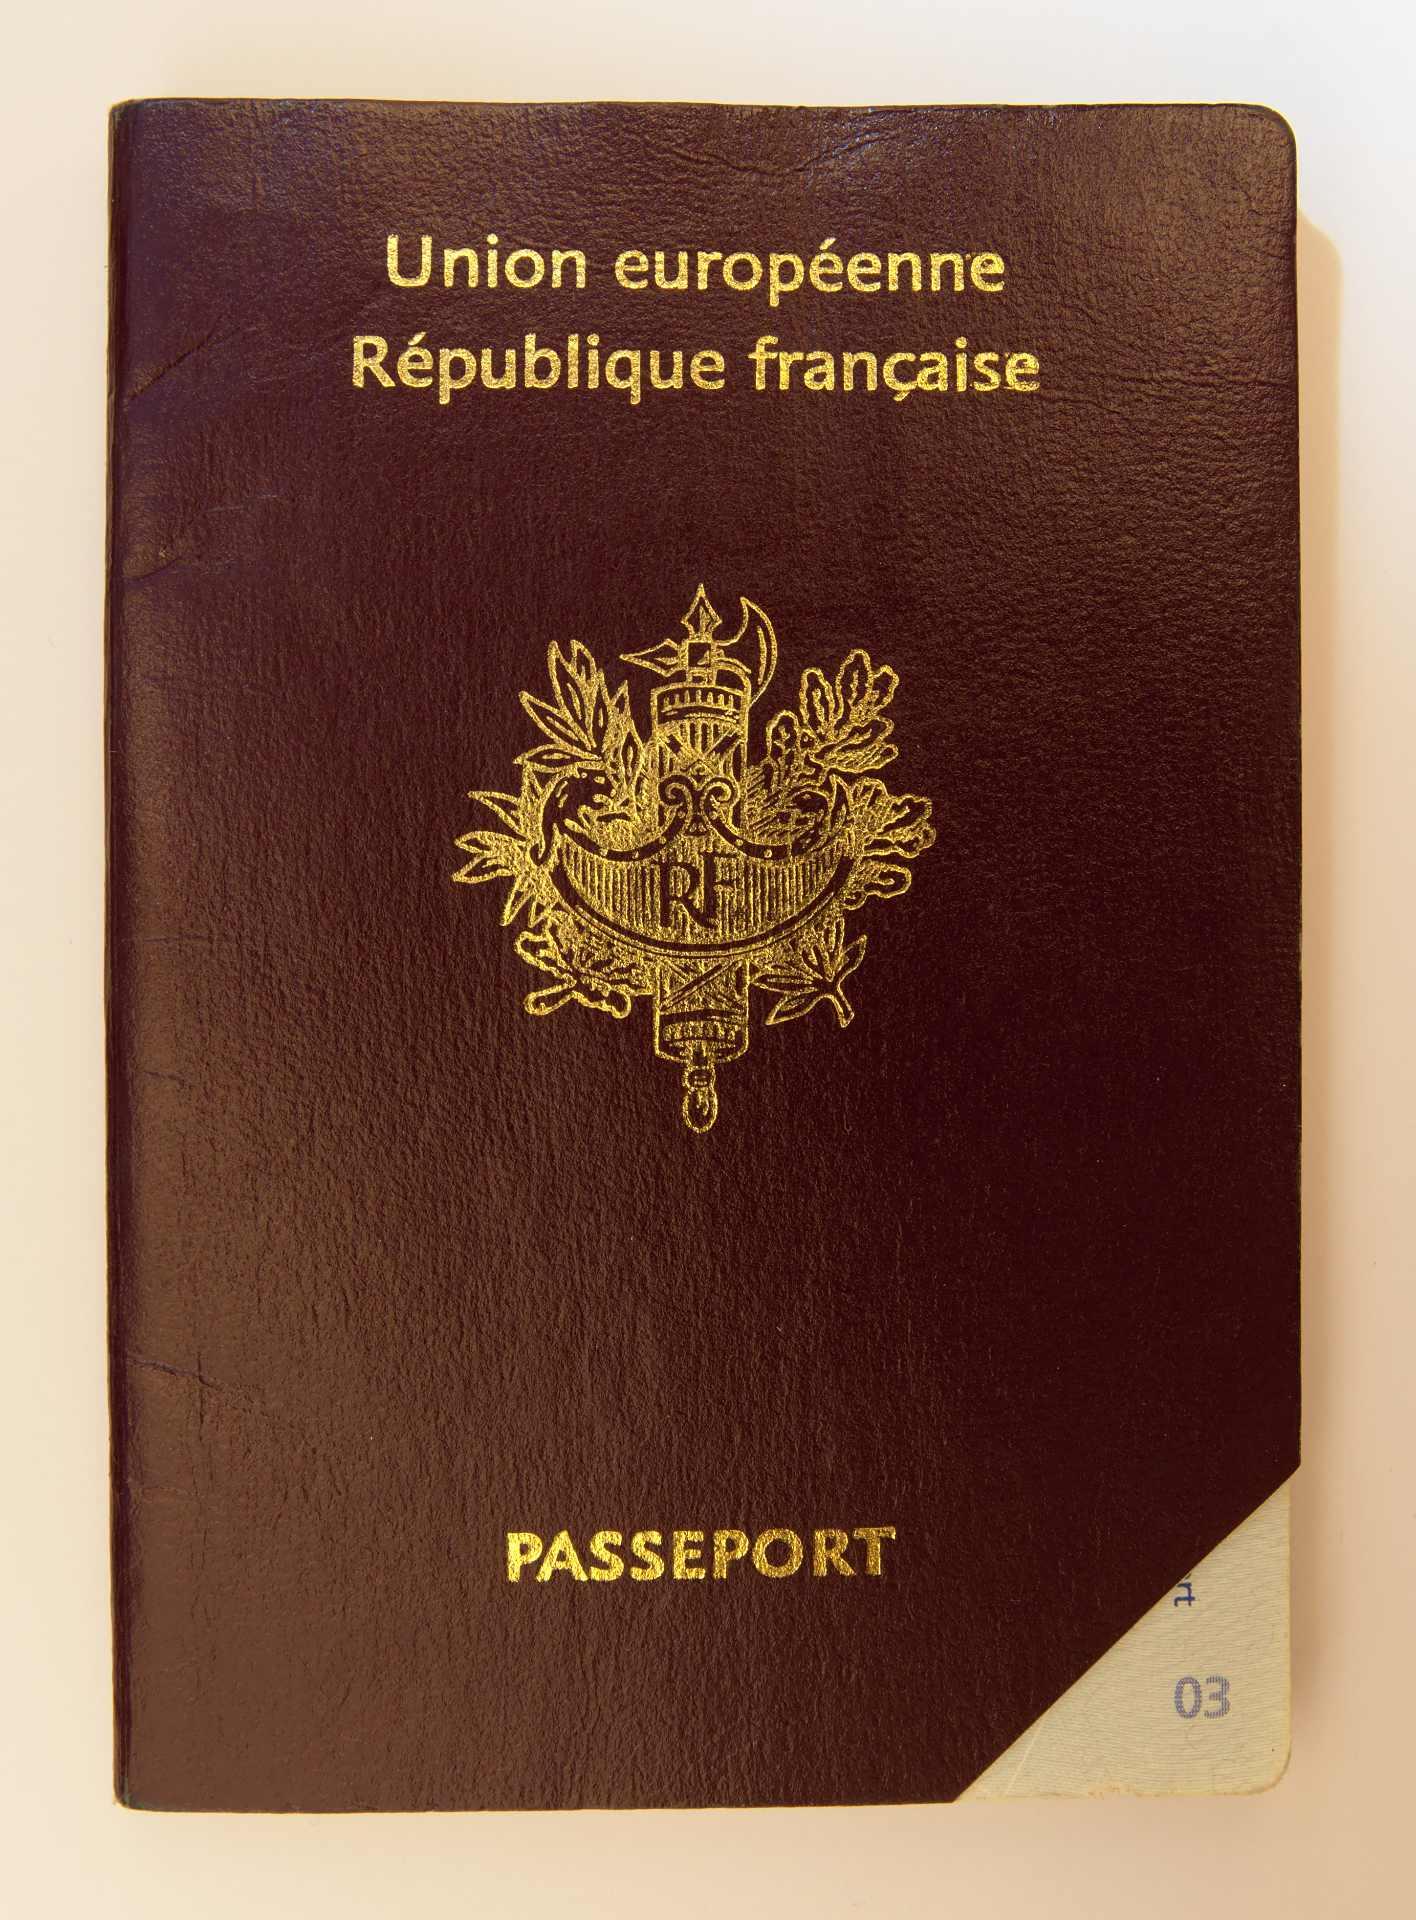 Le faisceau du licteur sur un passeport français